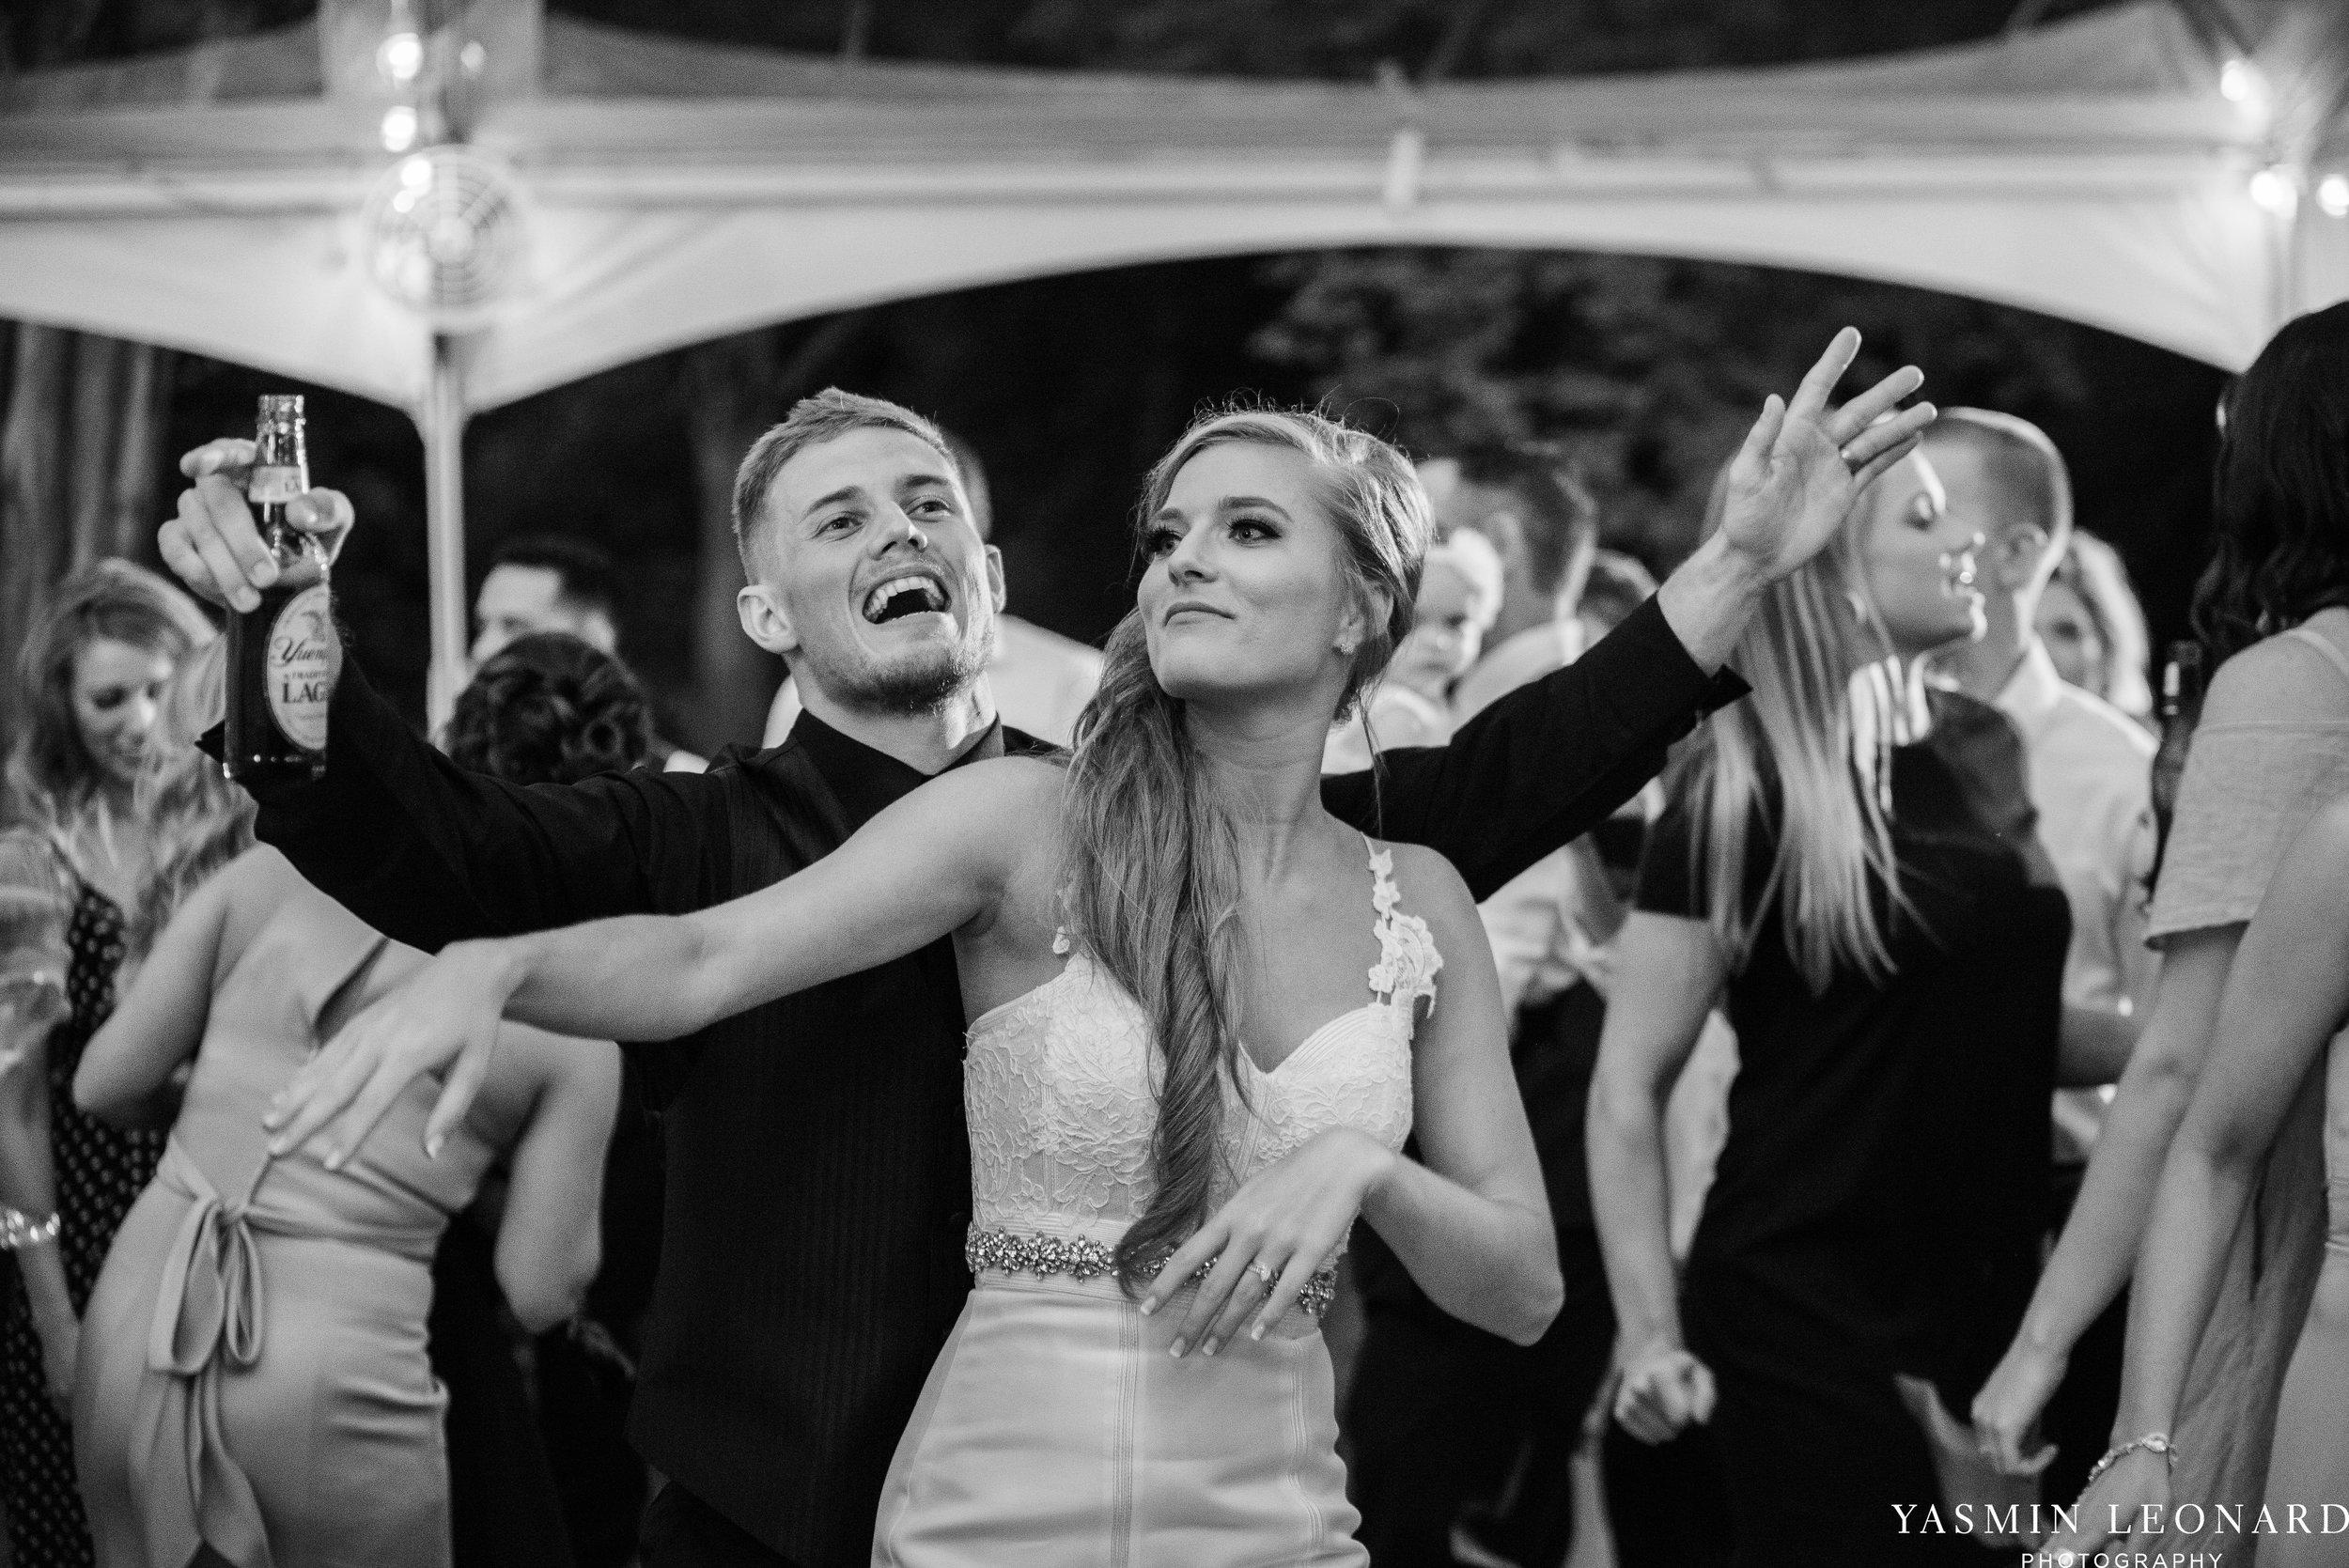 Boxwood Estate - Boxwood Estate Wedding - Luxury Wedding - Black and White Wedding - NC Wedding Venues - NC Weddings - NC Photographer - Lantern Release Grand Exit - Large Wedding Party - Yasmin Leonard Photography-72.jpg